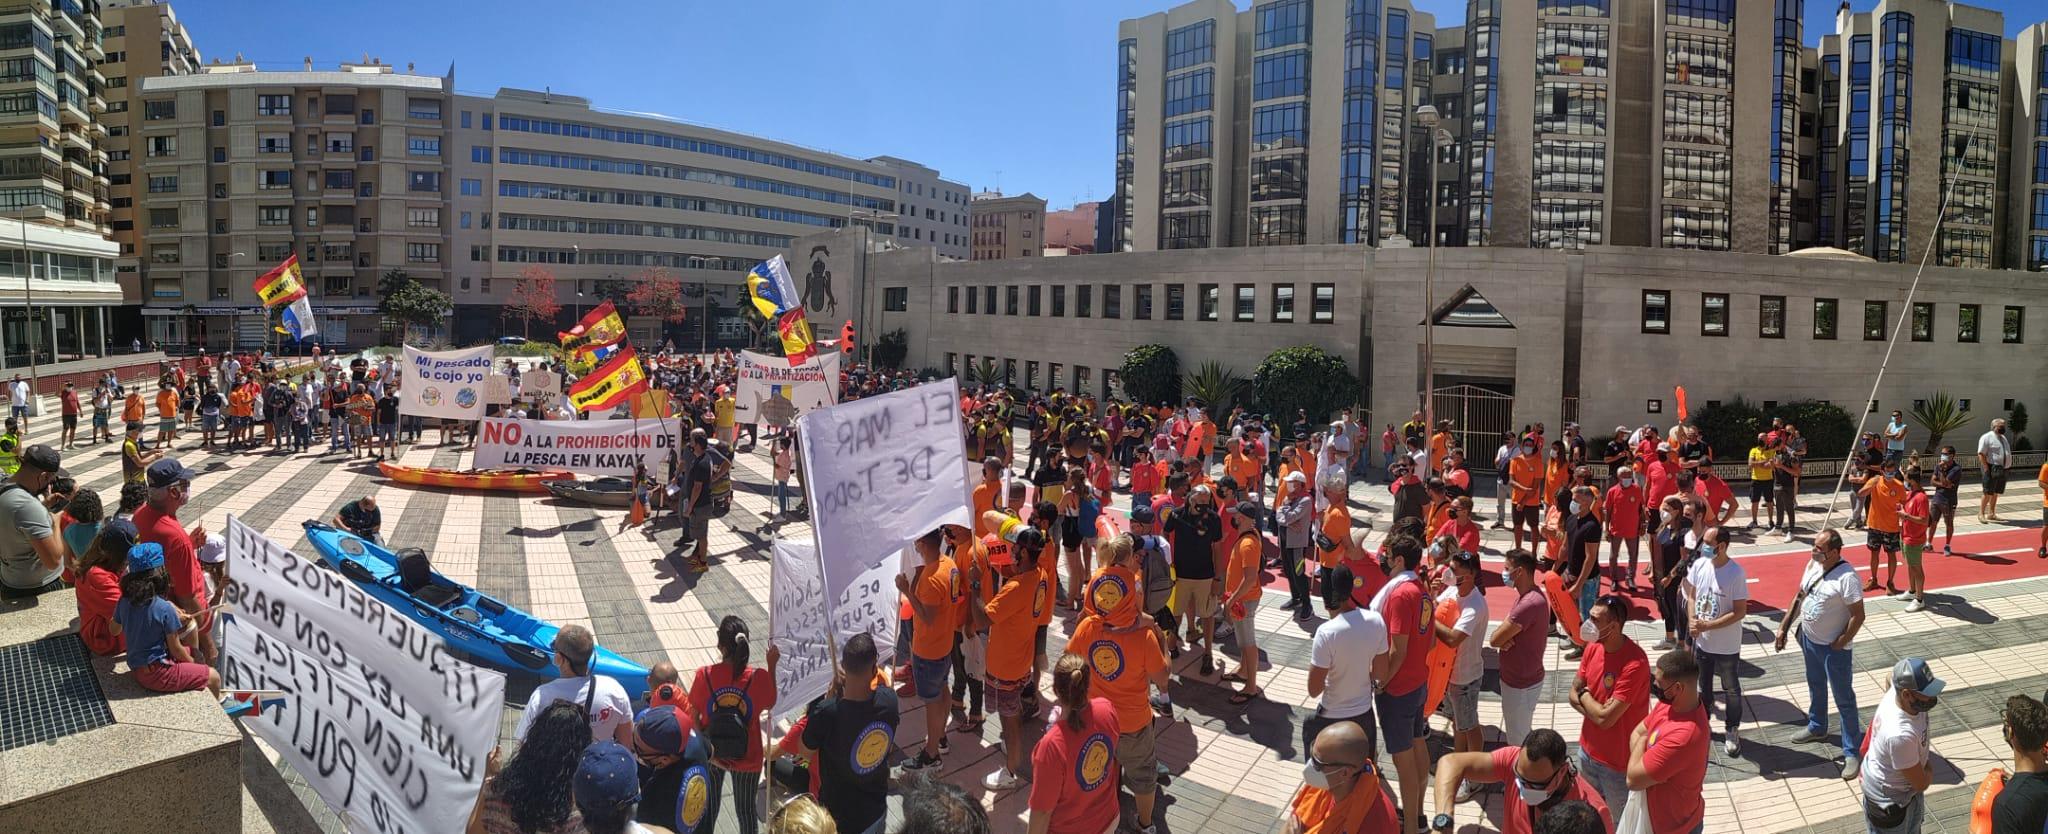 Concentración 9 de Mayo en la ciudad de Las Palmas, exposición de Orlado Millares representante de la Asociación ASENPER, en contra del Real Decreto.